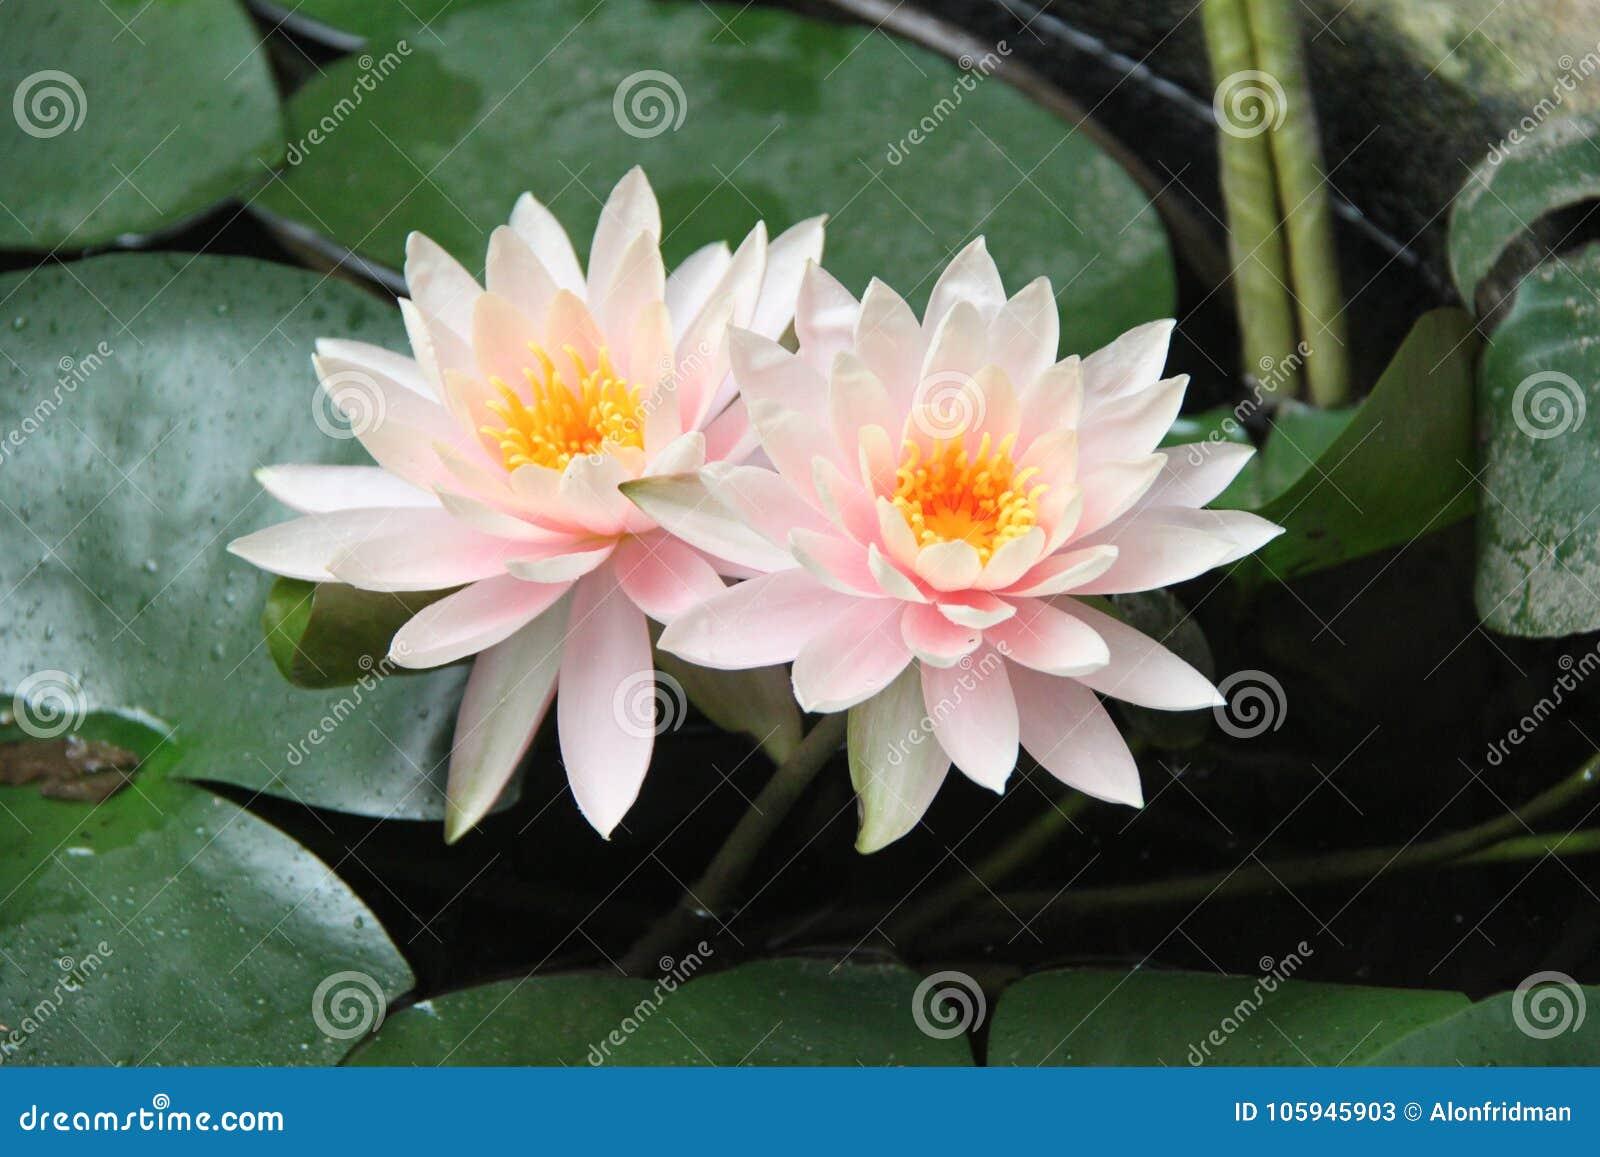 Pink Lotus Flowers Stock Image Image Of Swamp Gardening 105945903